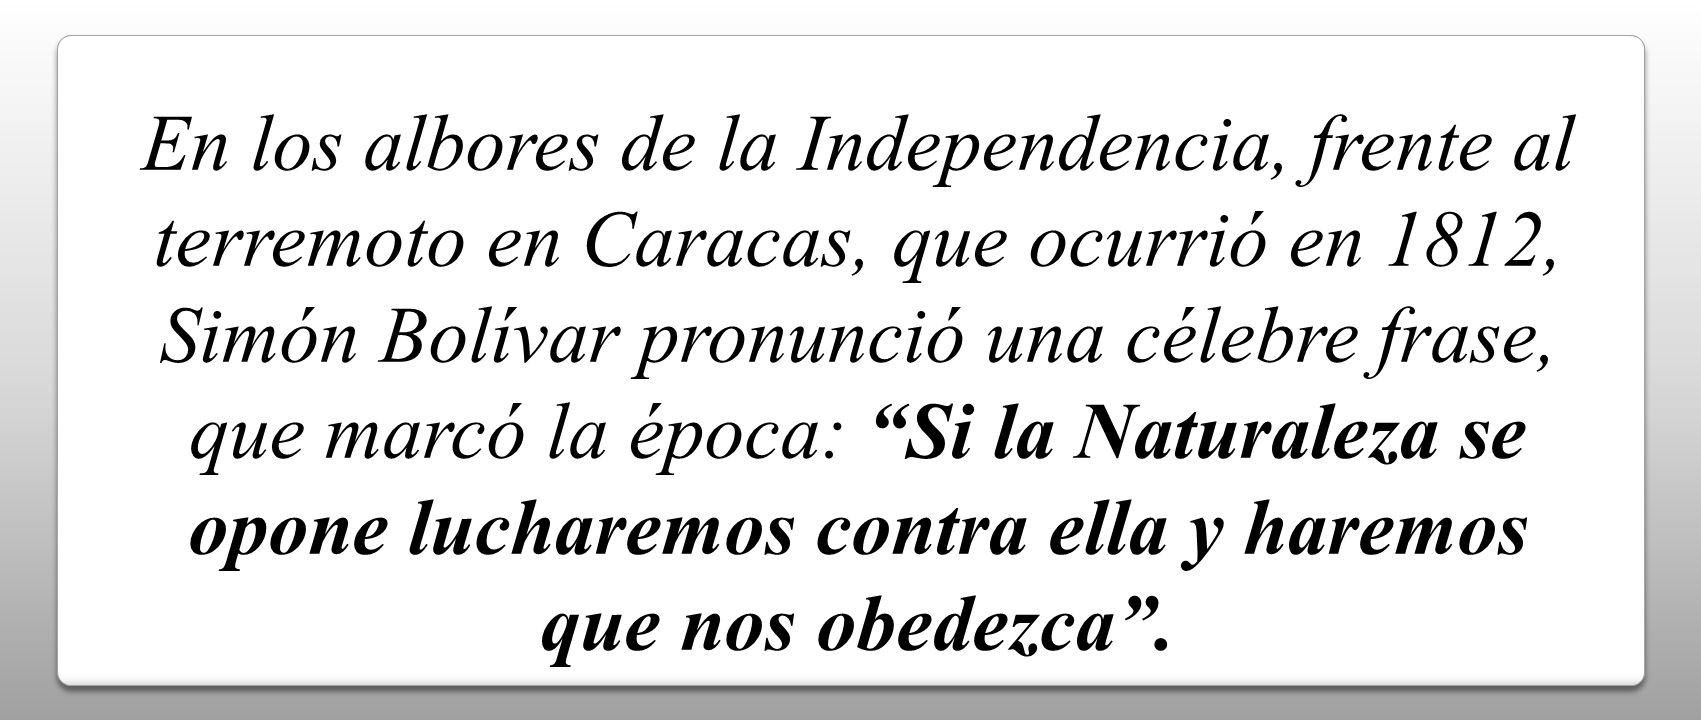 En los albores de la Independencia, frente al terremoto en Caracas, que ocurrió en 1812, Simón Bolívar pronunció una célebre frase, que marcó la época